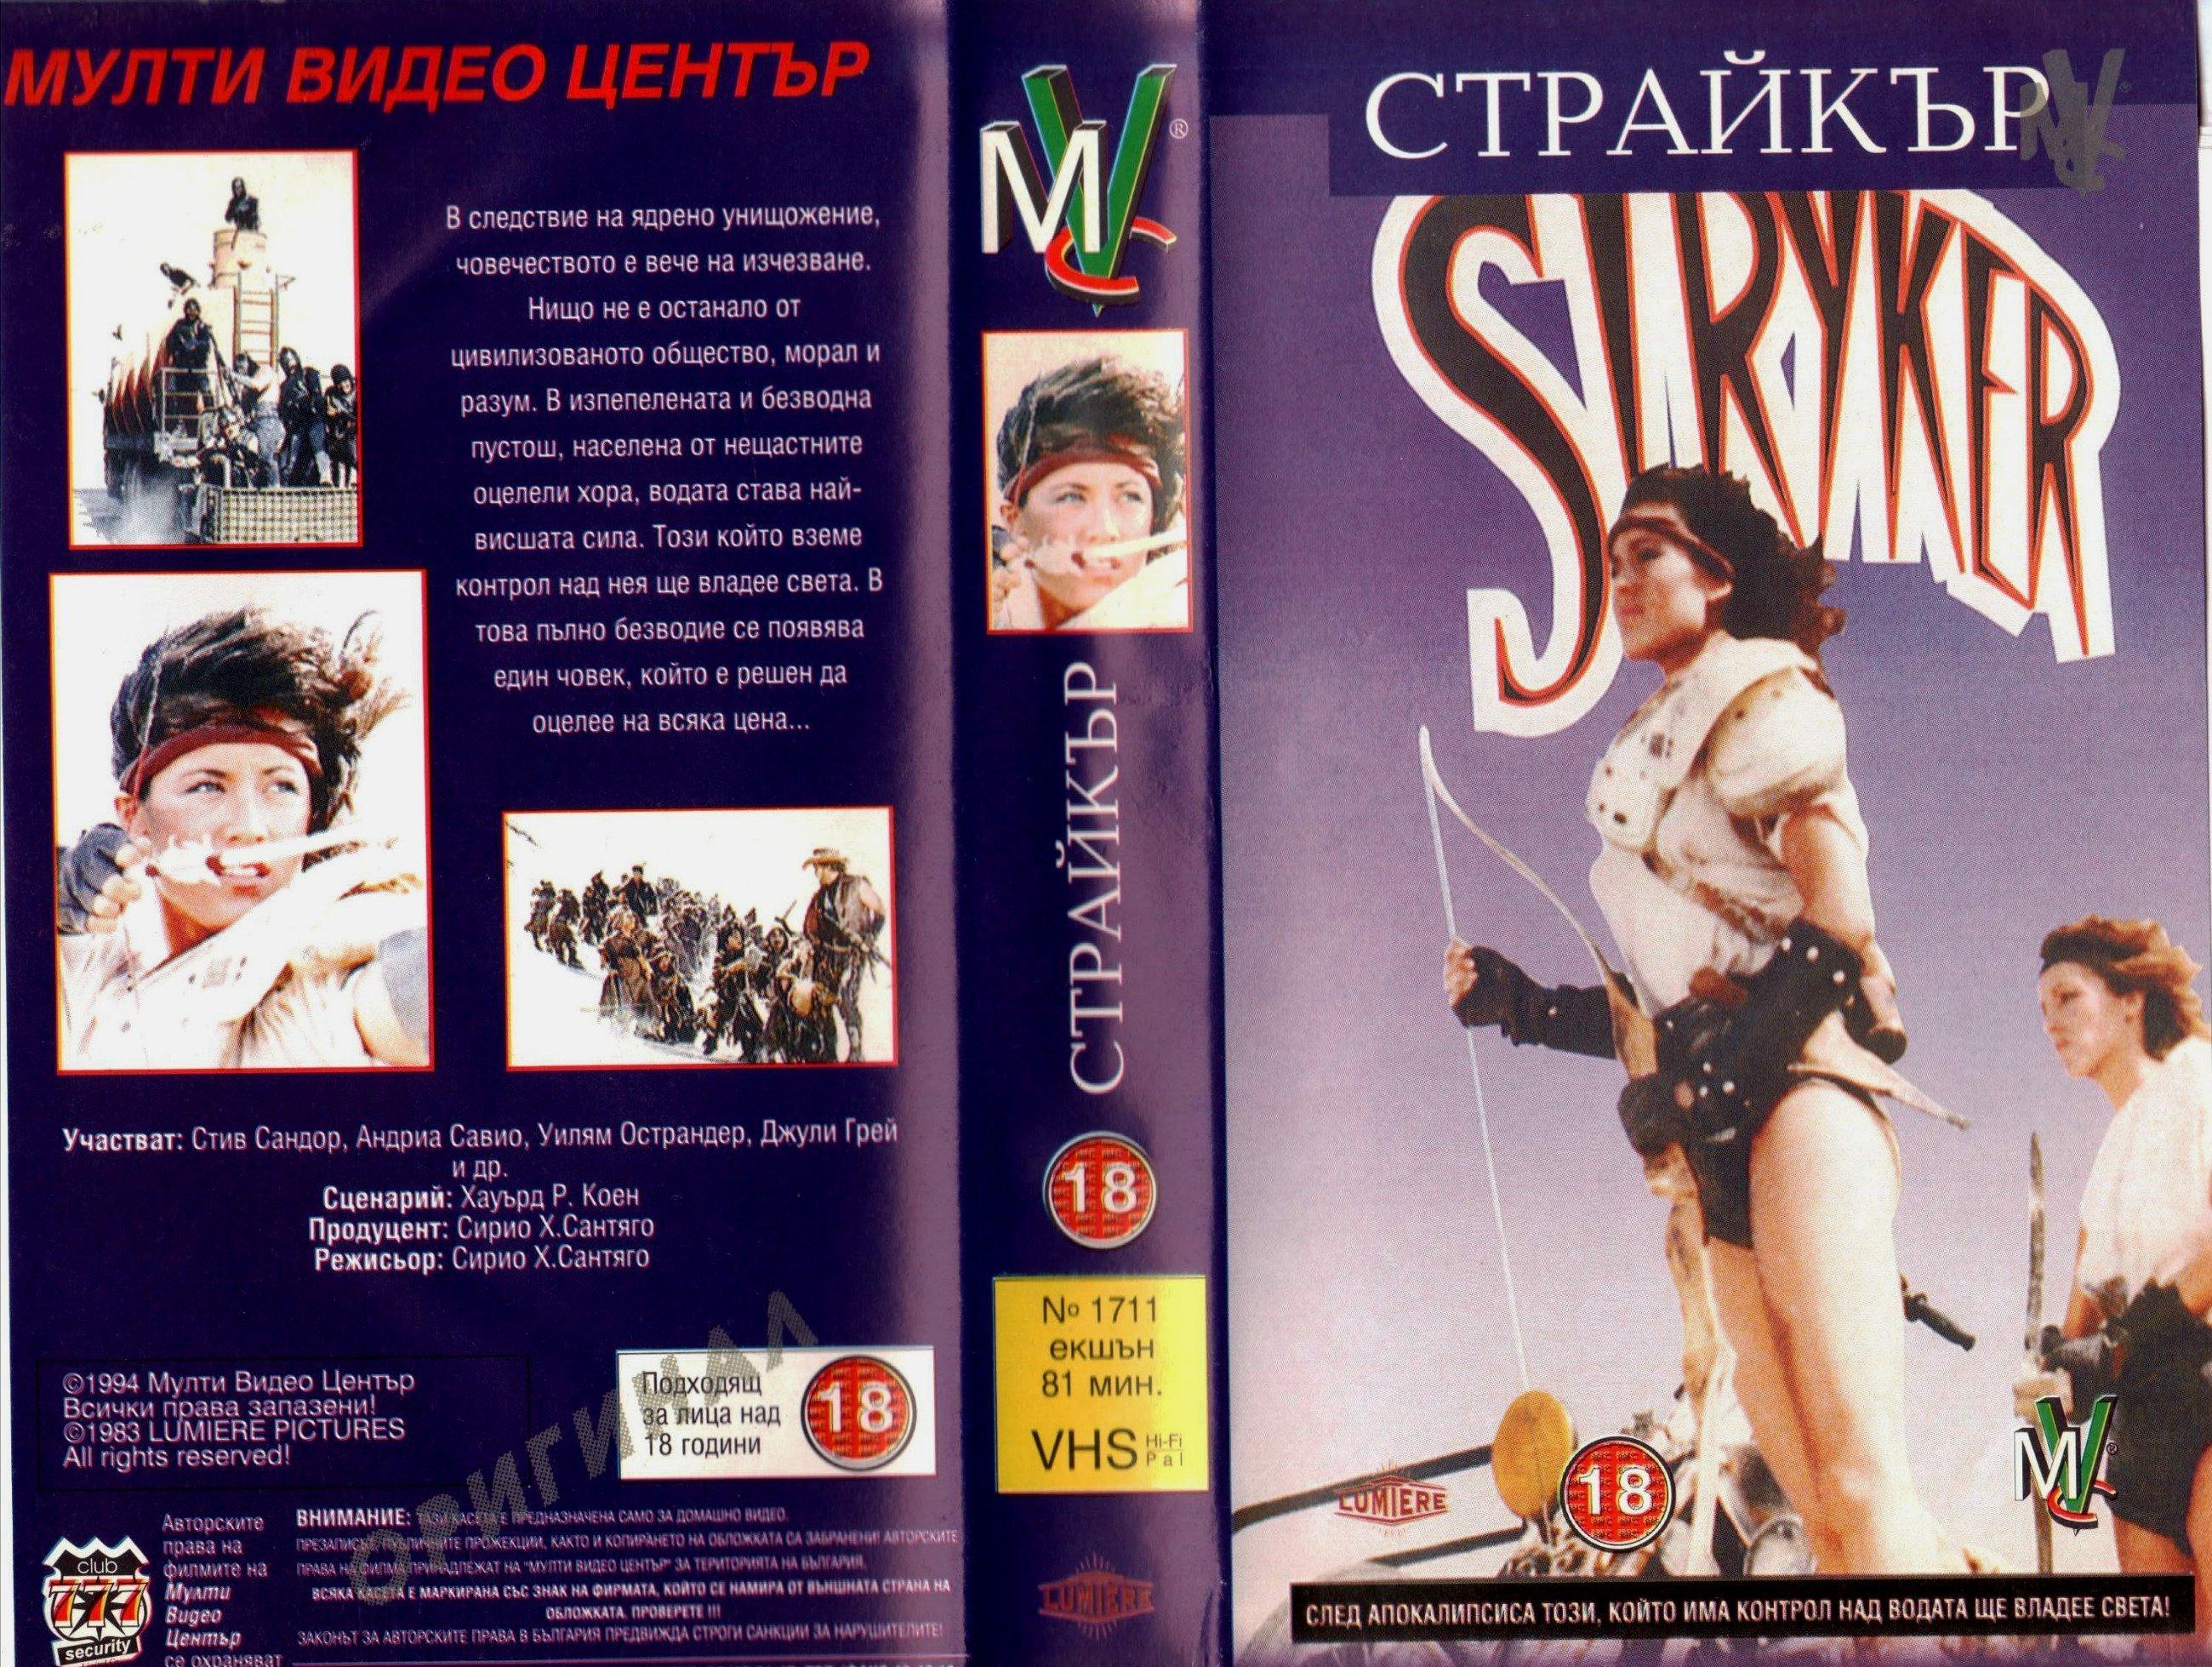 Страйкър филм